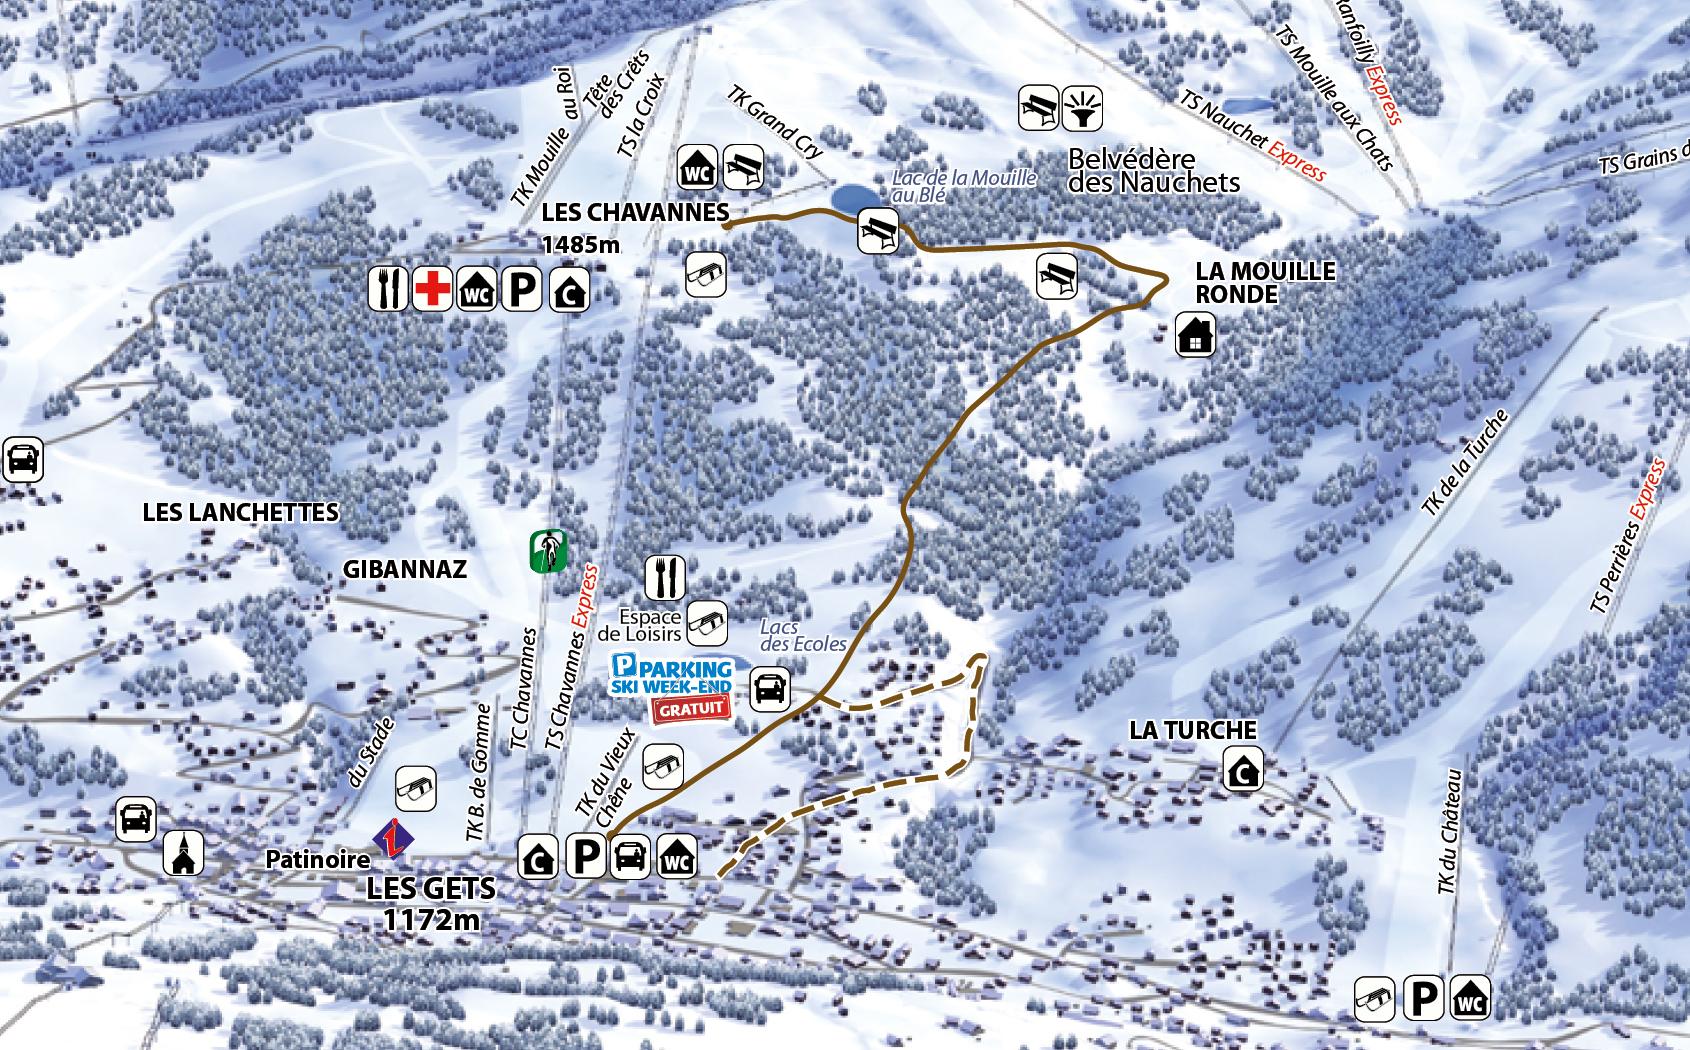 Les Gets village via la Mouille Ronde in Les Gets French Alps